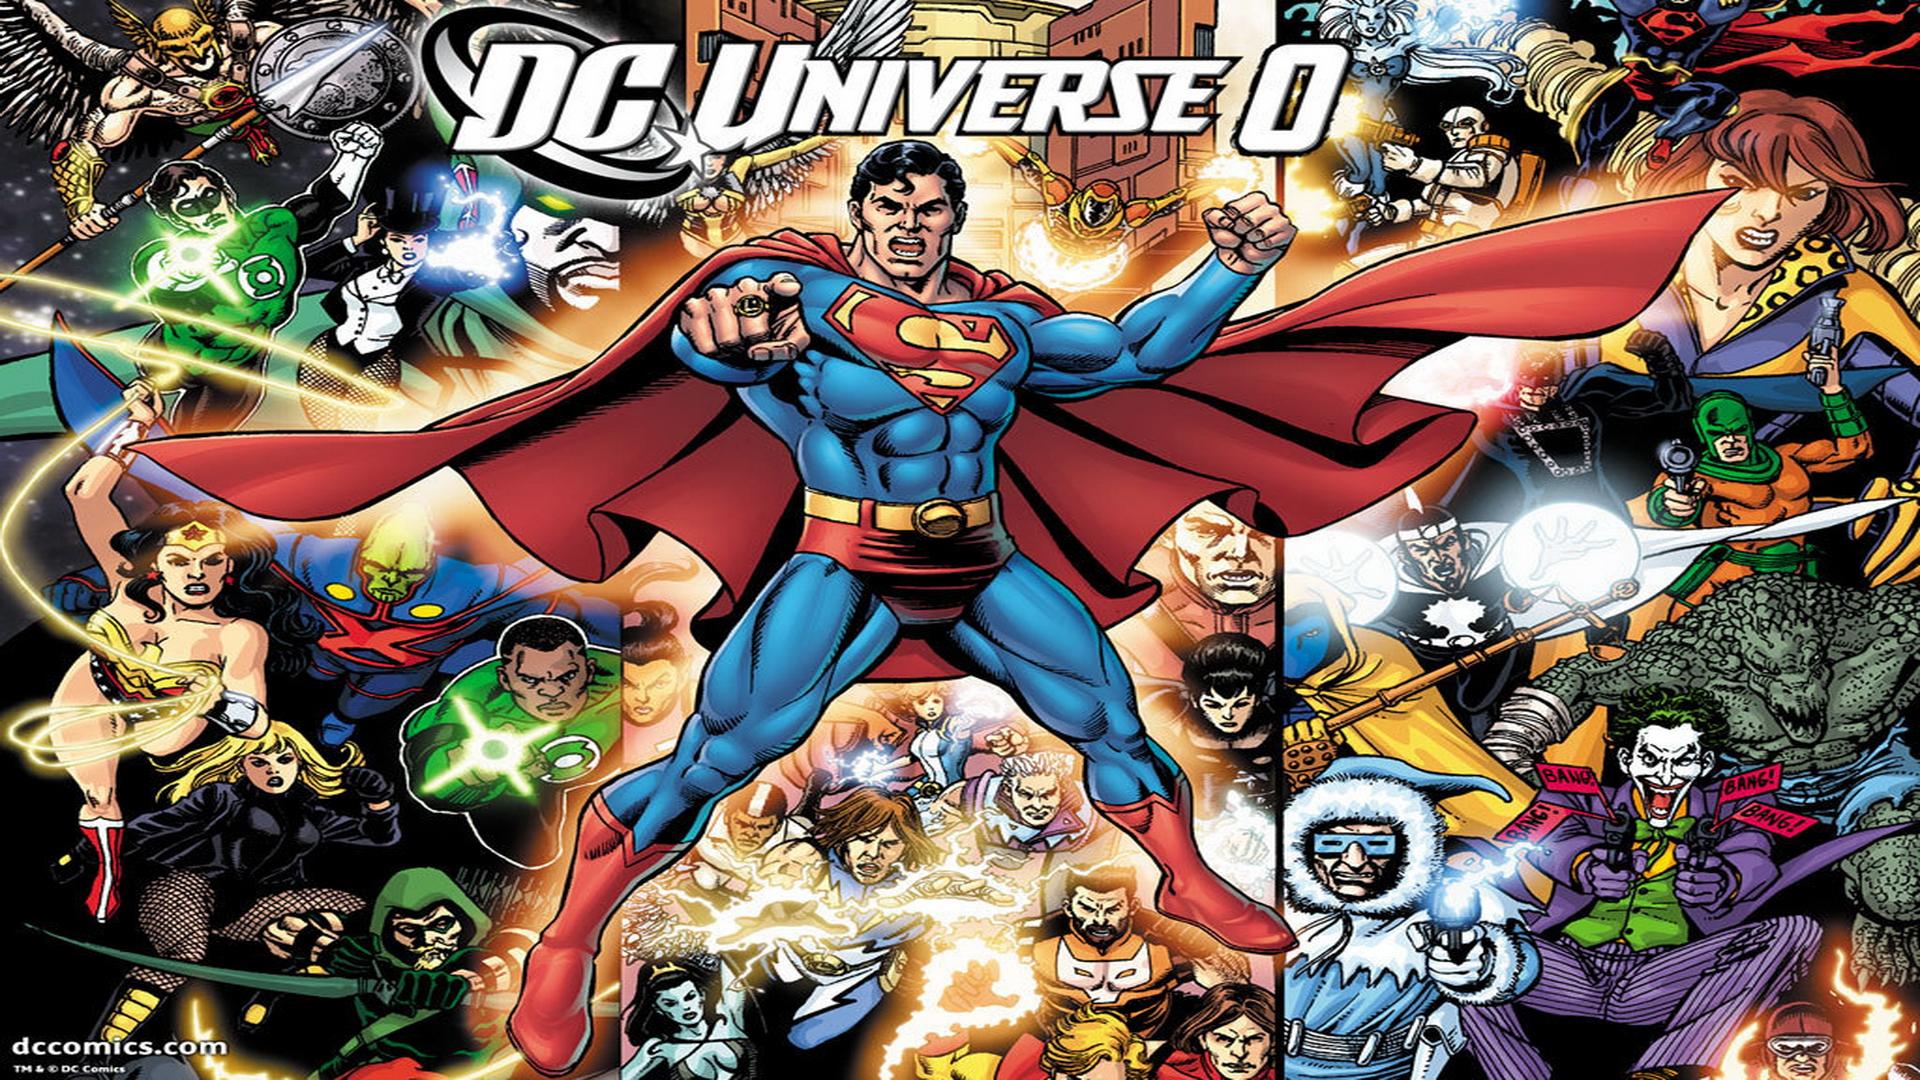 47+ DC Superheroes Wallpaper on WallpaperSafari